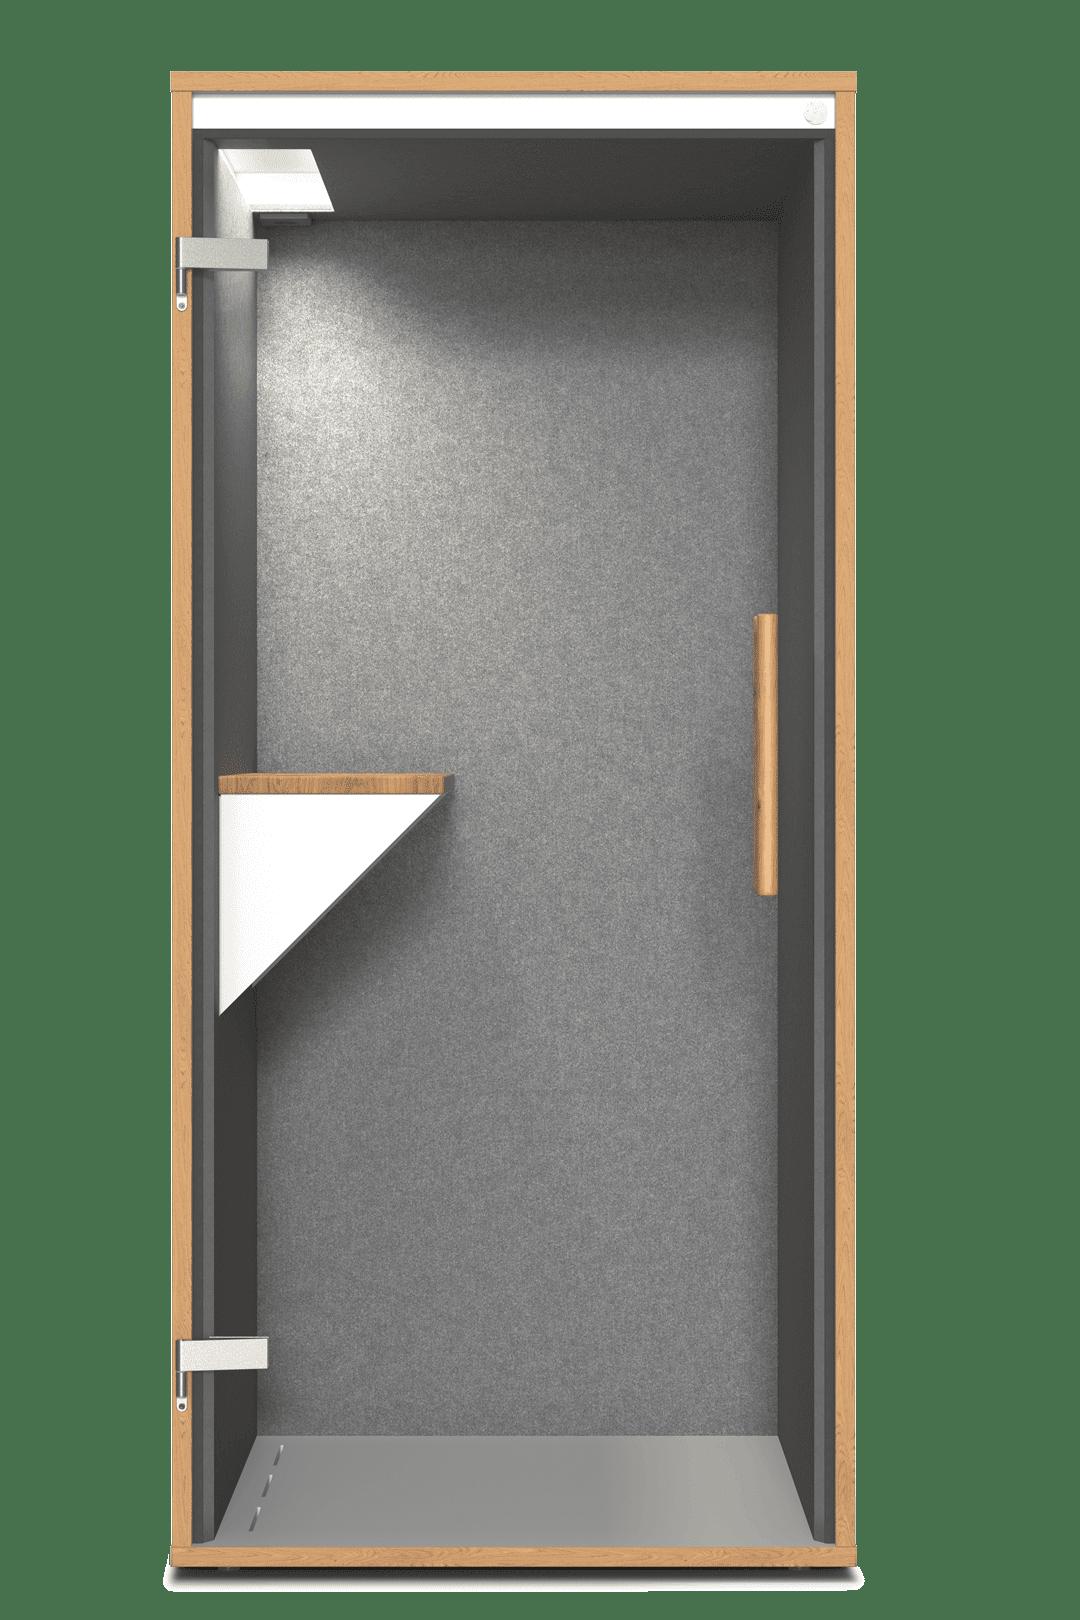 Eine frontale Ansicht der Telefonzelle fürs Büro mit einem Rahmen aus hellem Holz, einer Tür aus Glas und einem Tisch.